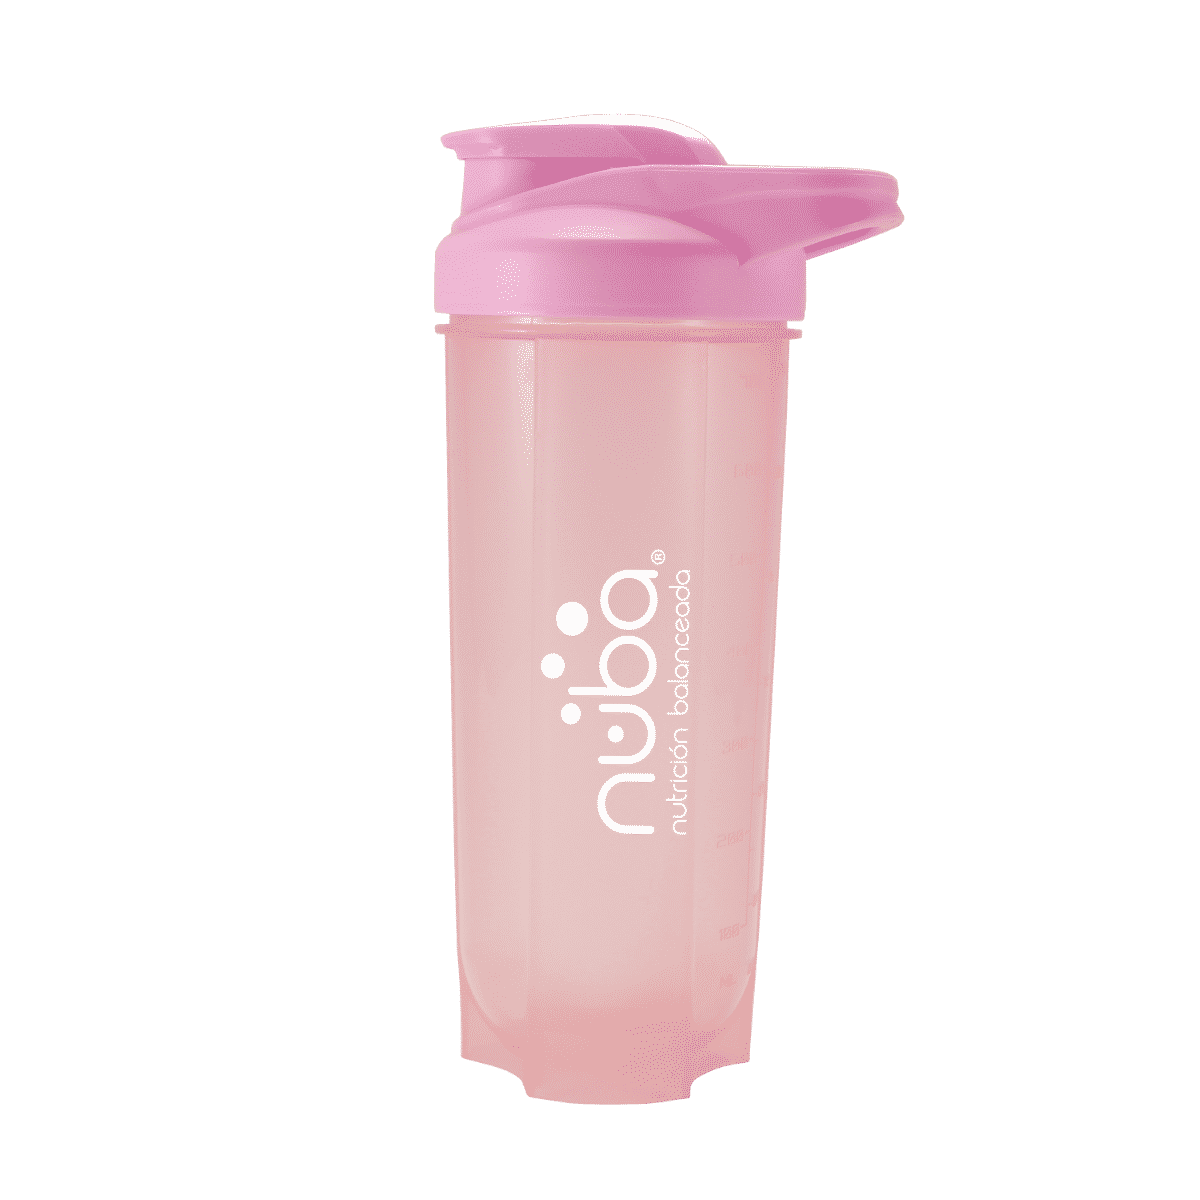 nutricionbalanceada_Productos_Shaker